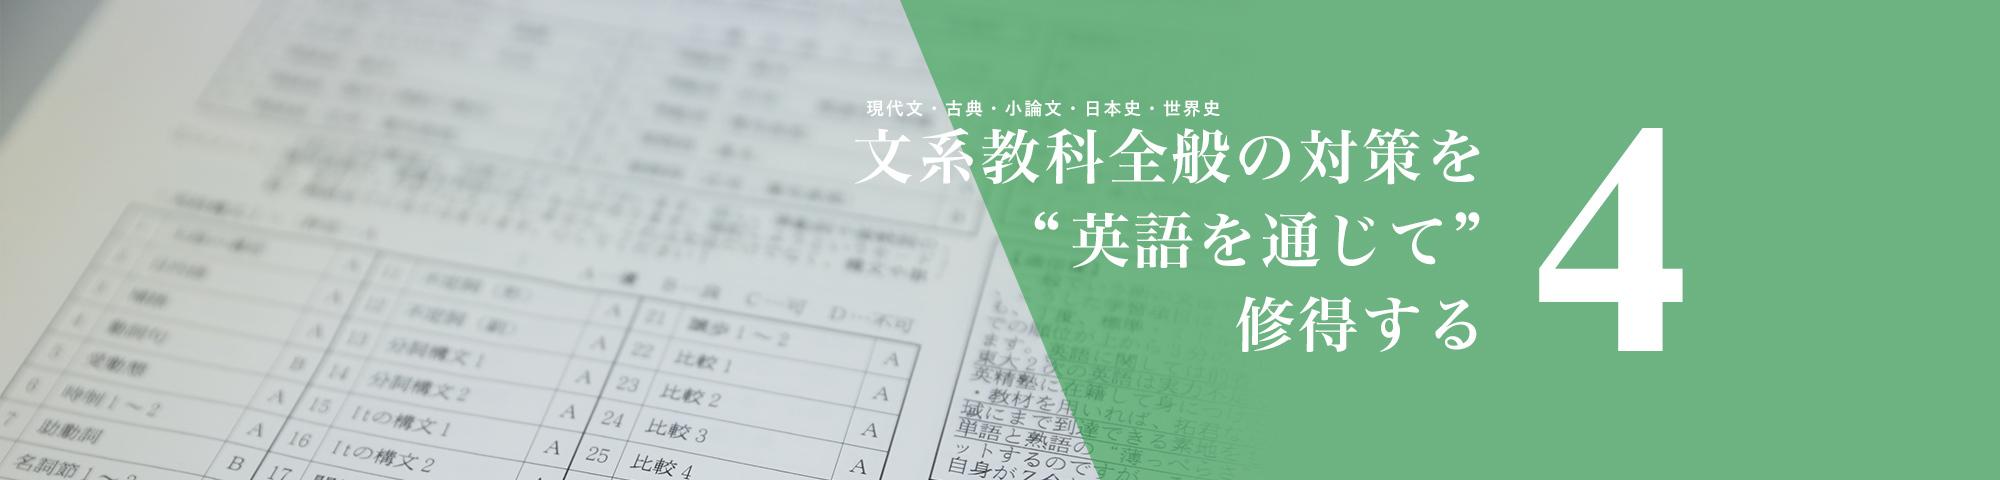 文系教科全般の対策を英語を通じて修得する